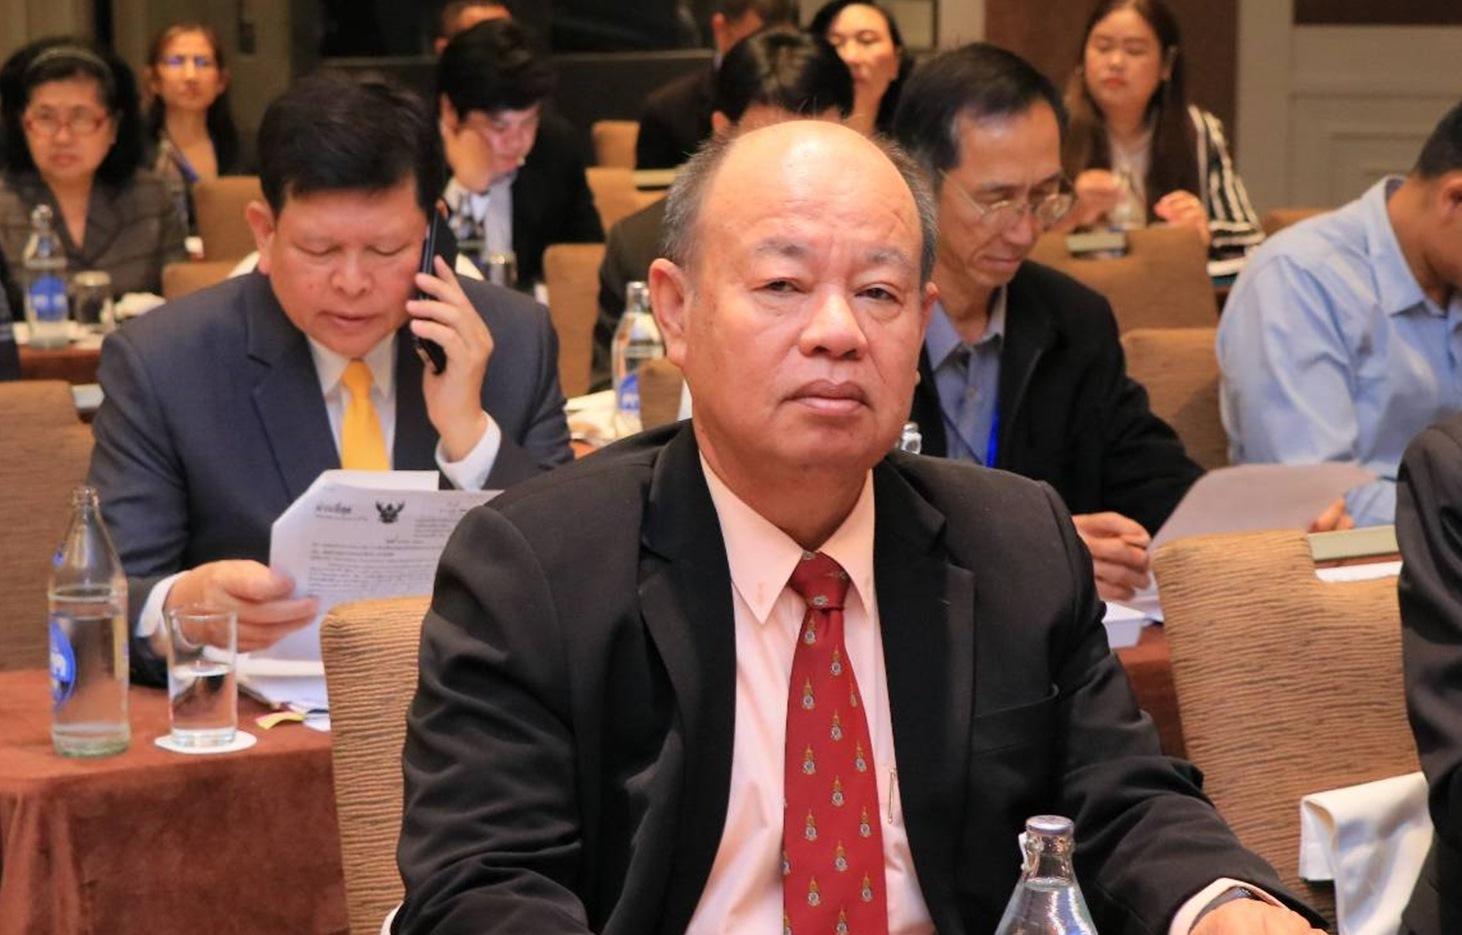 ทช. ร่วมเสวนาการขับเคลื่อนกลุ่มอนุรักษ์ทรัพยากรธรรมชาติของวุฒิสภาไทย